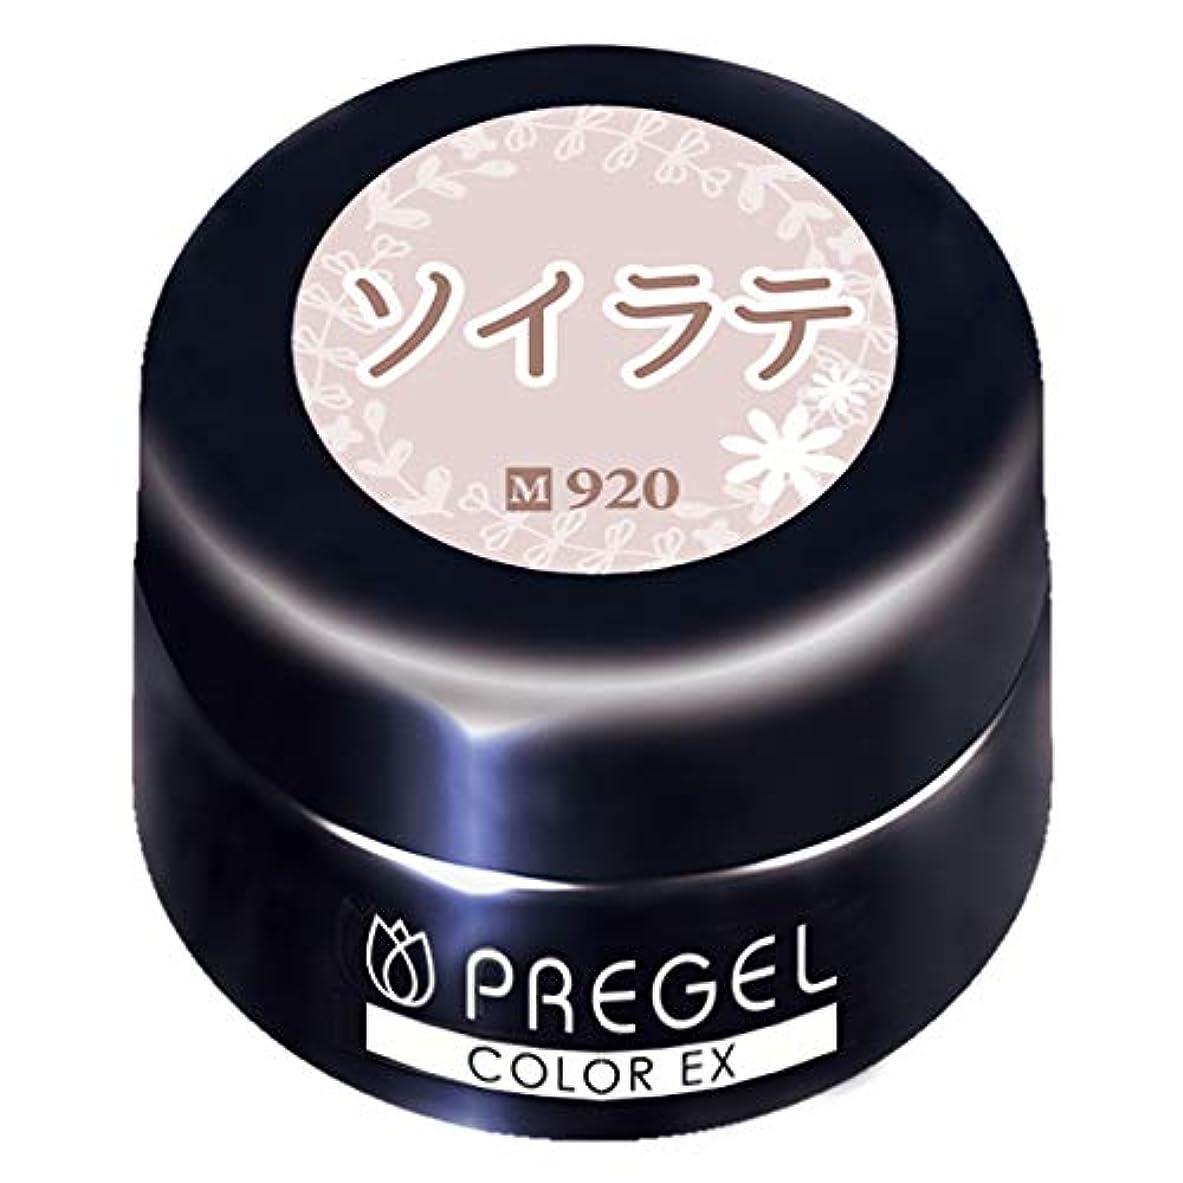 麻酔薬敬な光PRE GEL(プリジェル) PRE GEL カラーEX ソイラテ920 3g PG-CE920 UV/LED対応 ジェルネイル